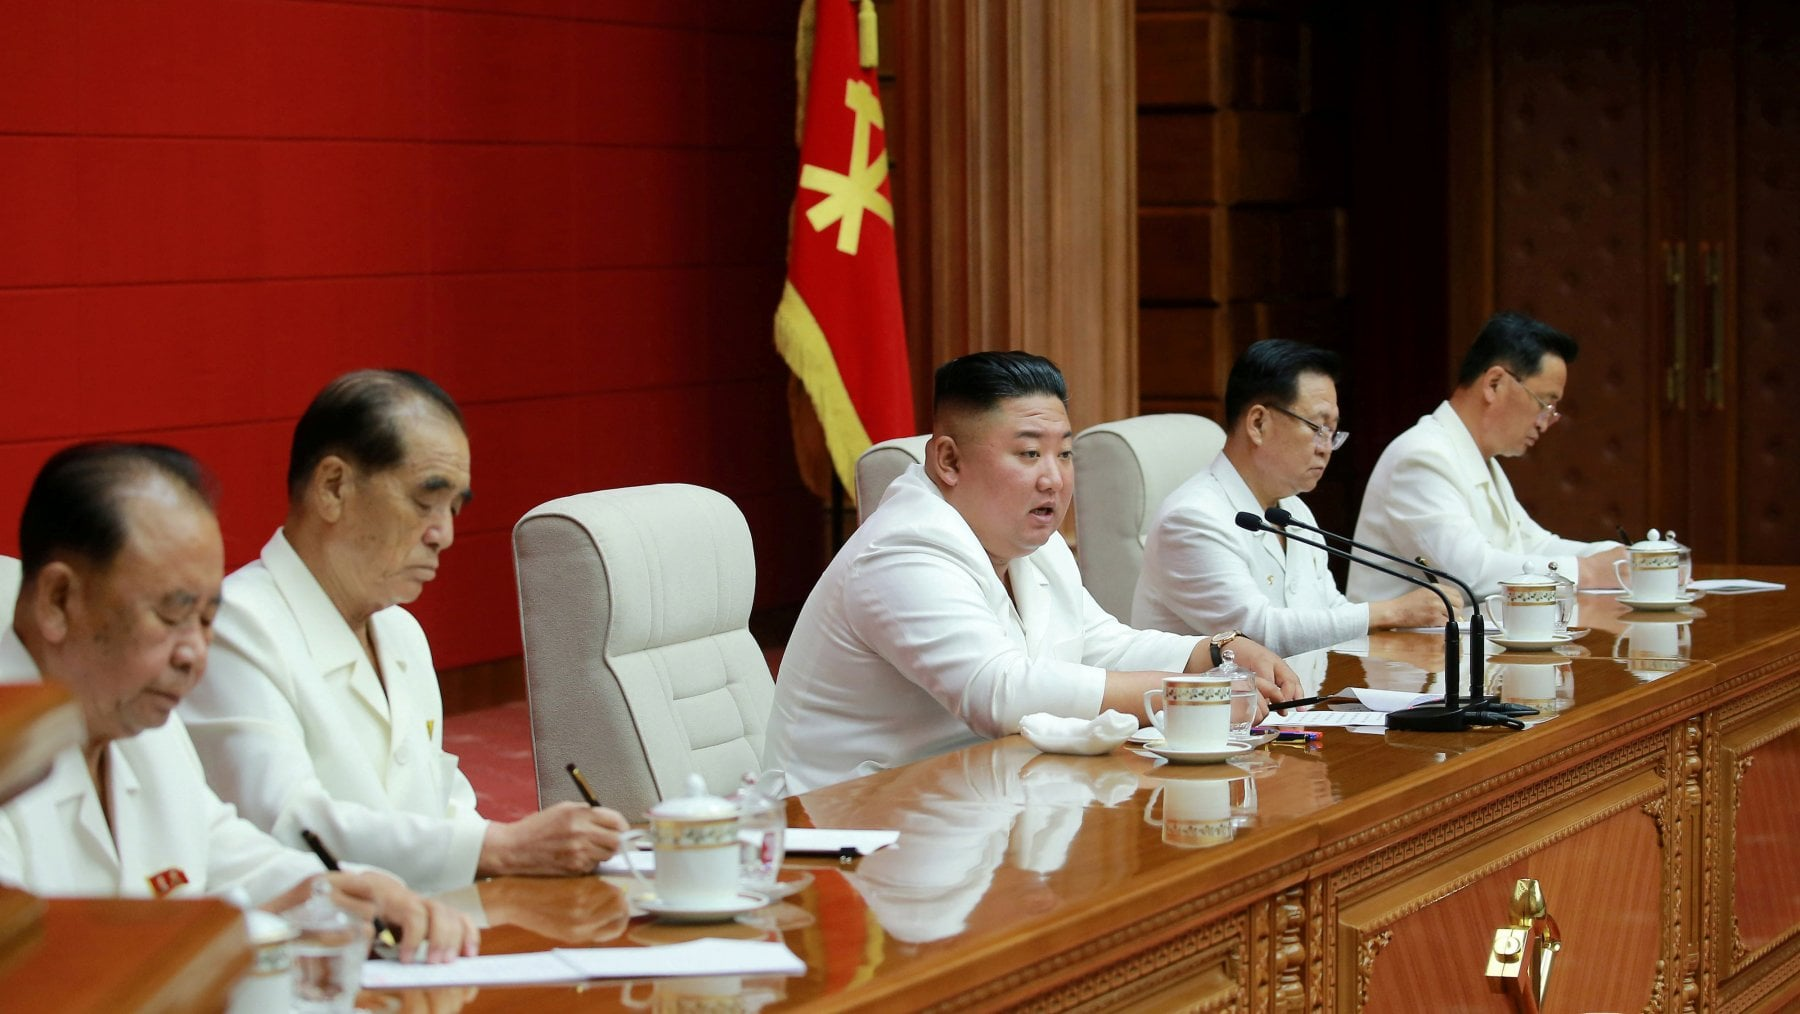 171759756 7672f971 d377 409c ac8d b4bae6044fb4 - Corea del Nord, un vice per Kim Jong-un. Spunta il nome della sorella